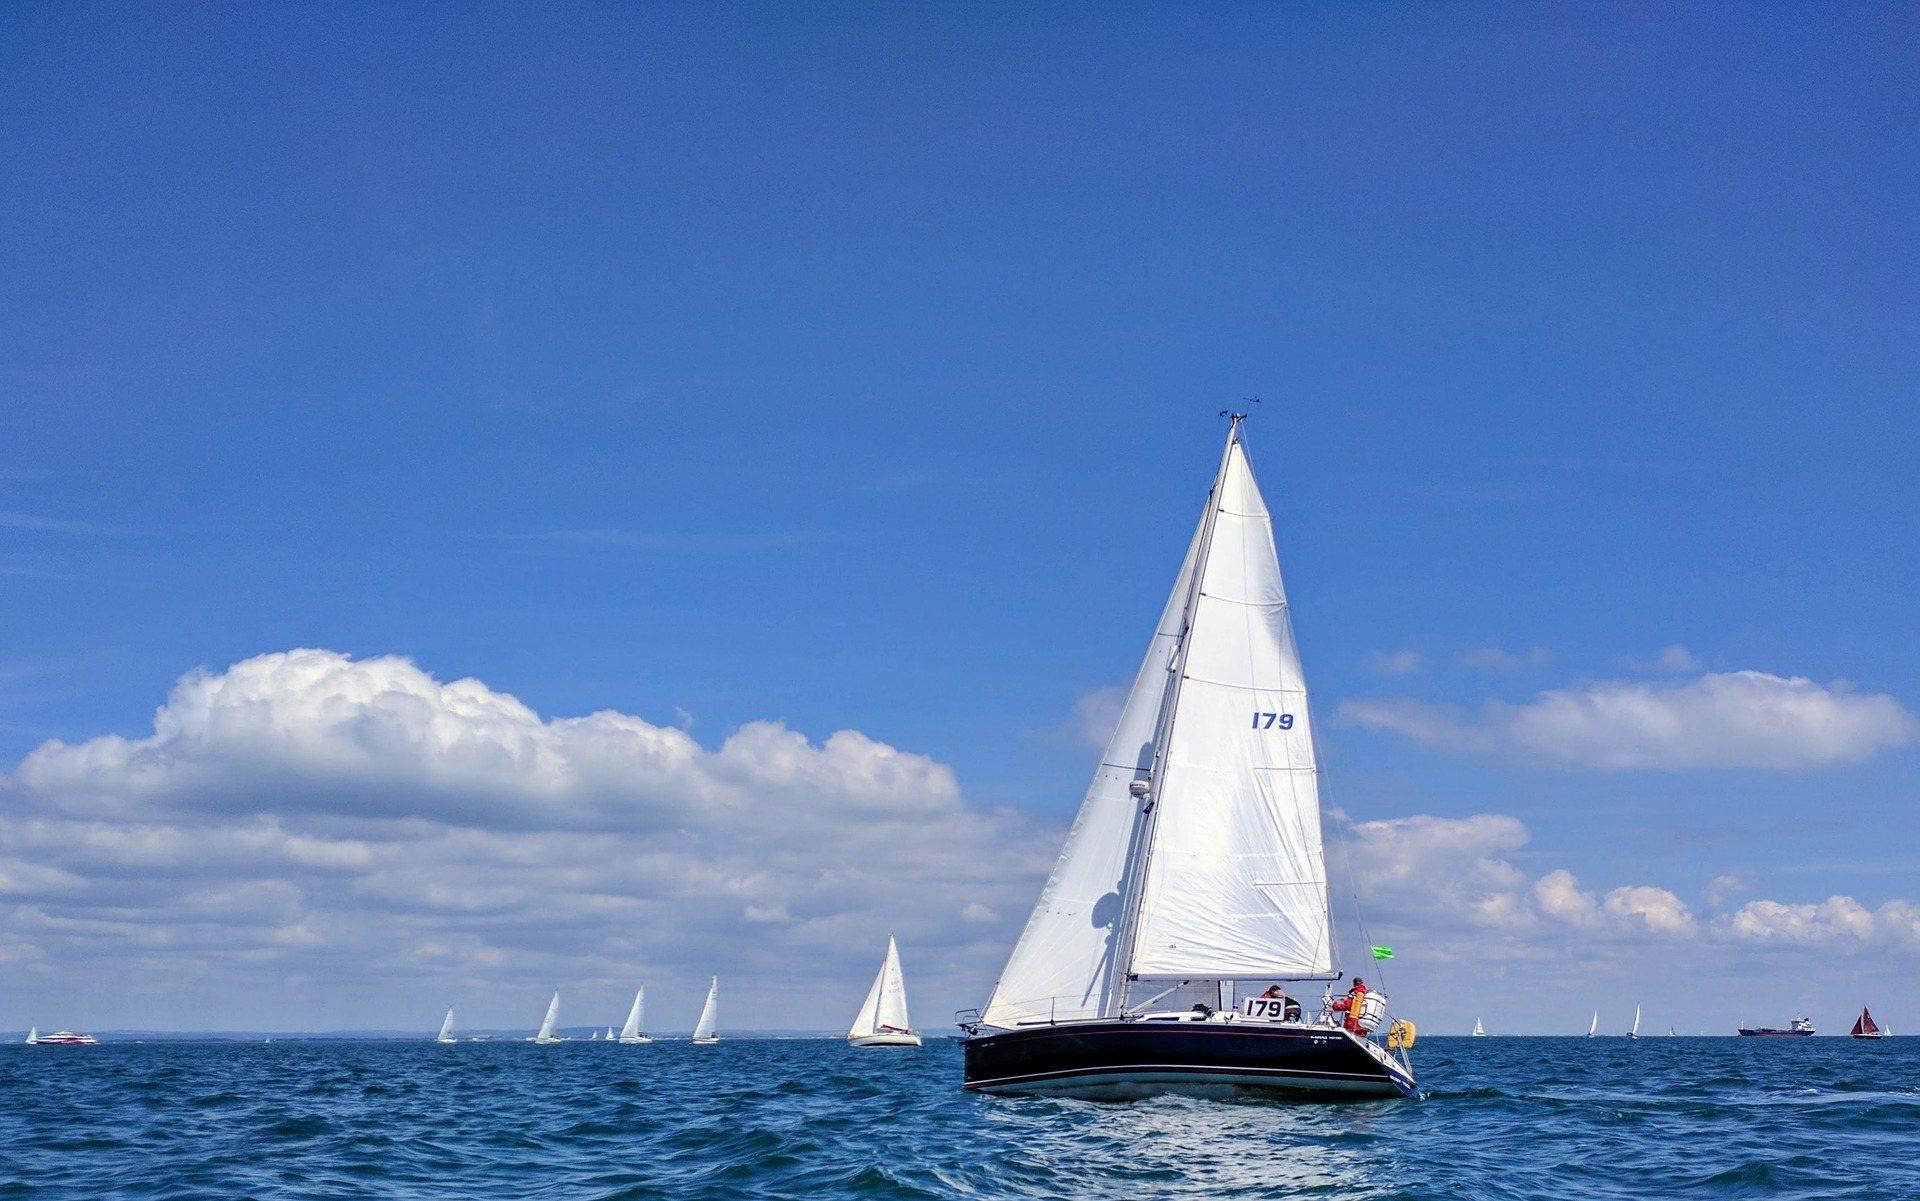 sailing-3521338_1920.jpg